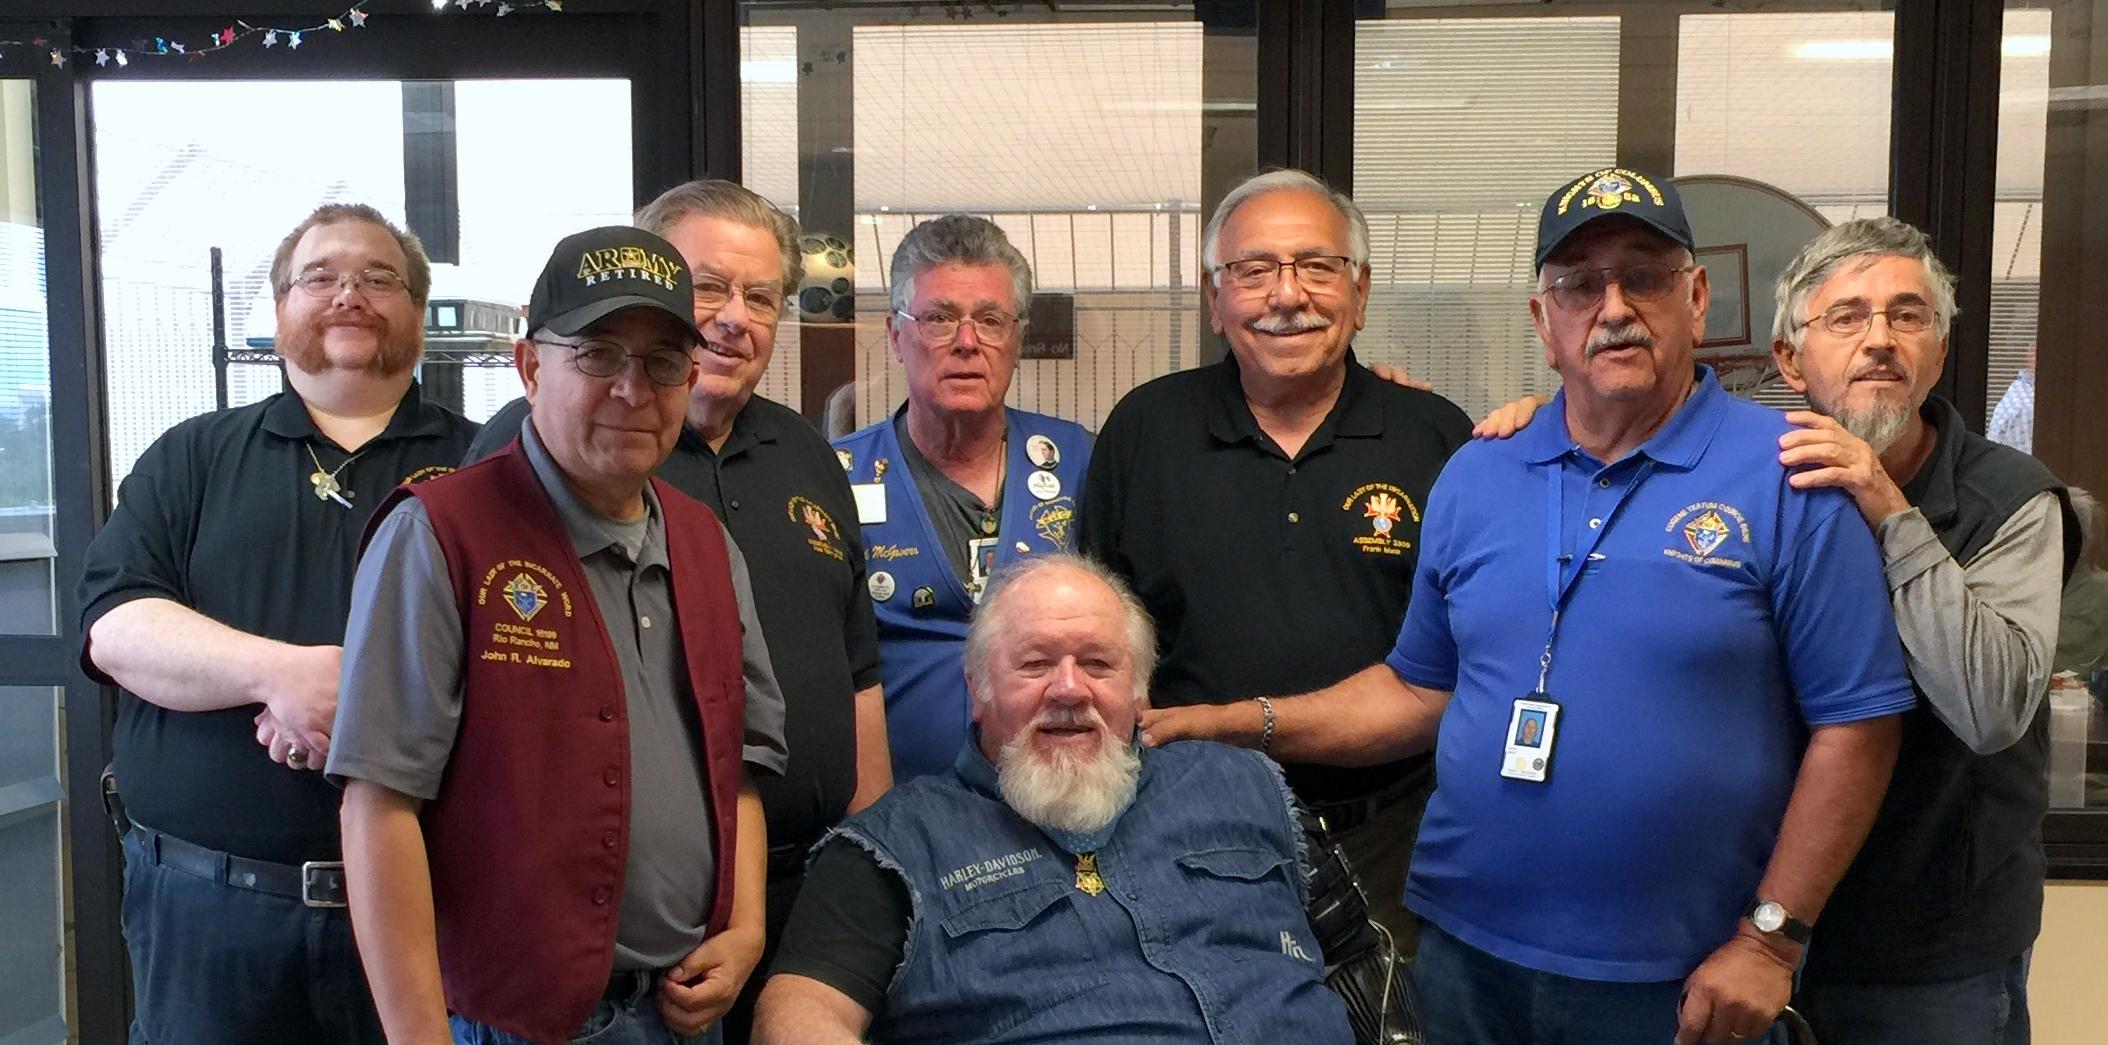 VA visit MOH recipient Gary Wetzel